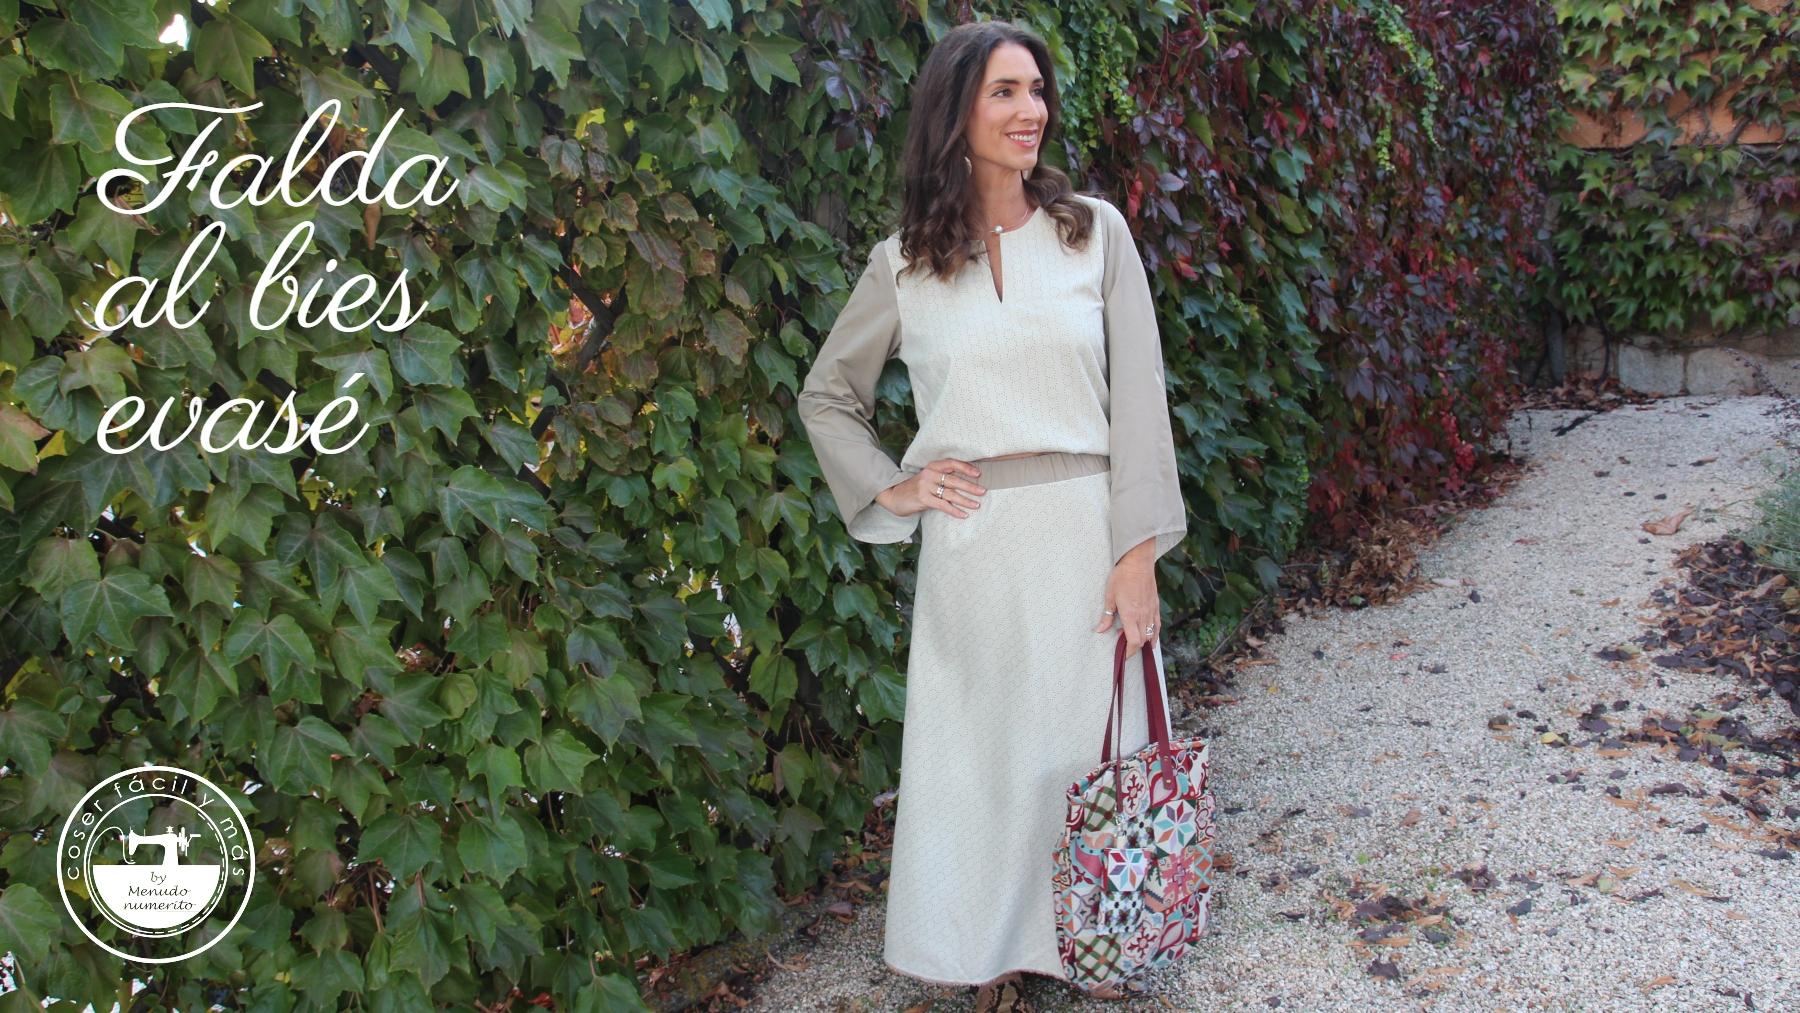 falda al bies blogs de costura menudo numerito singer